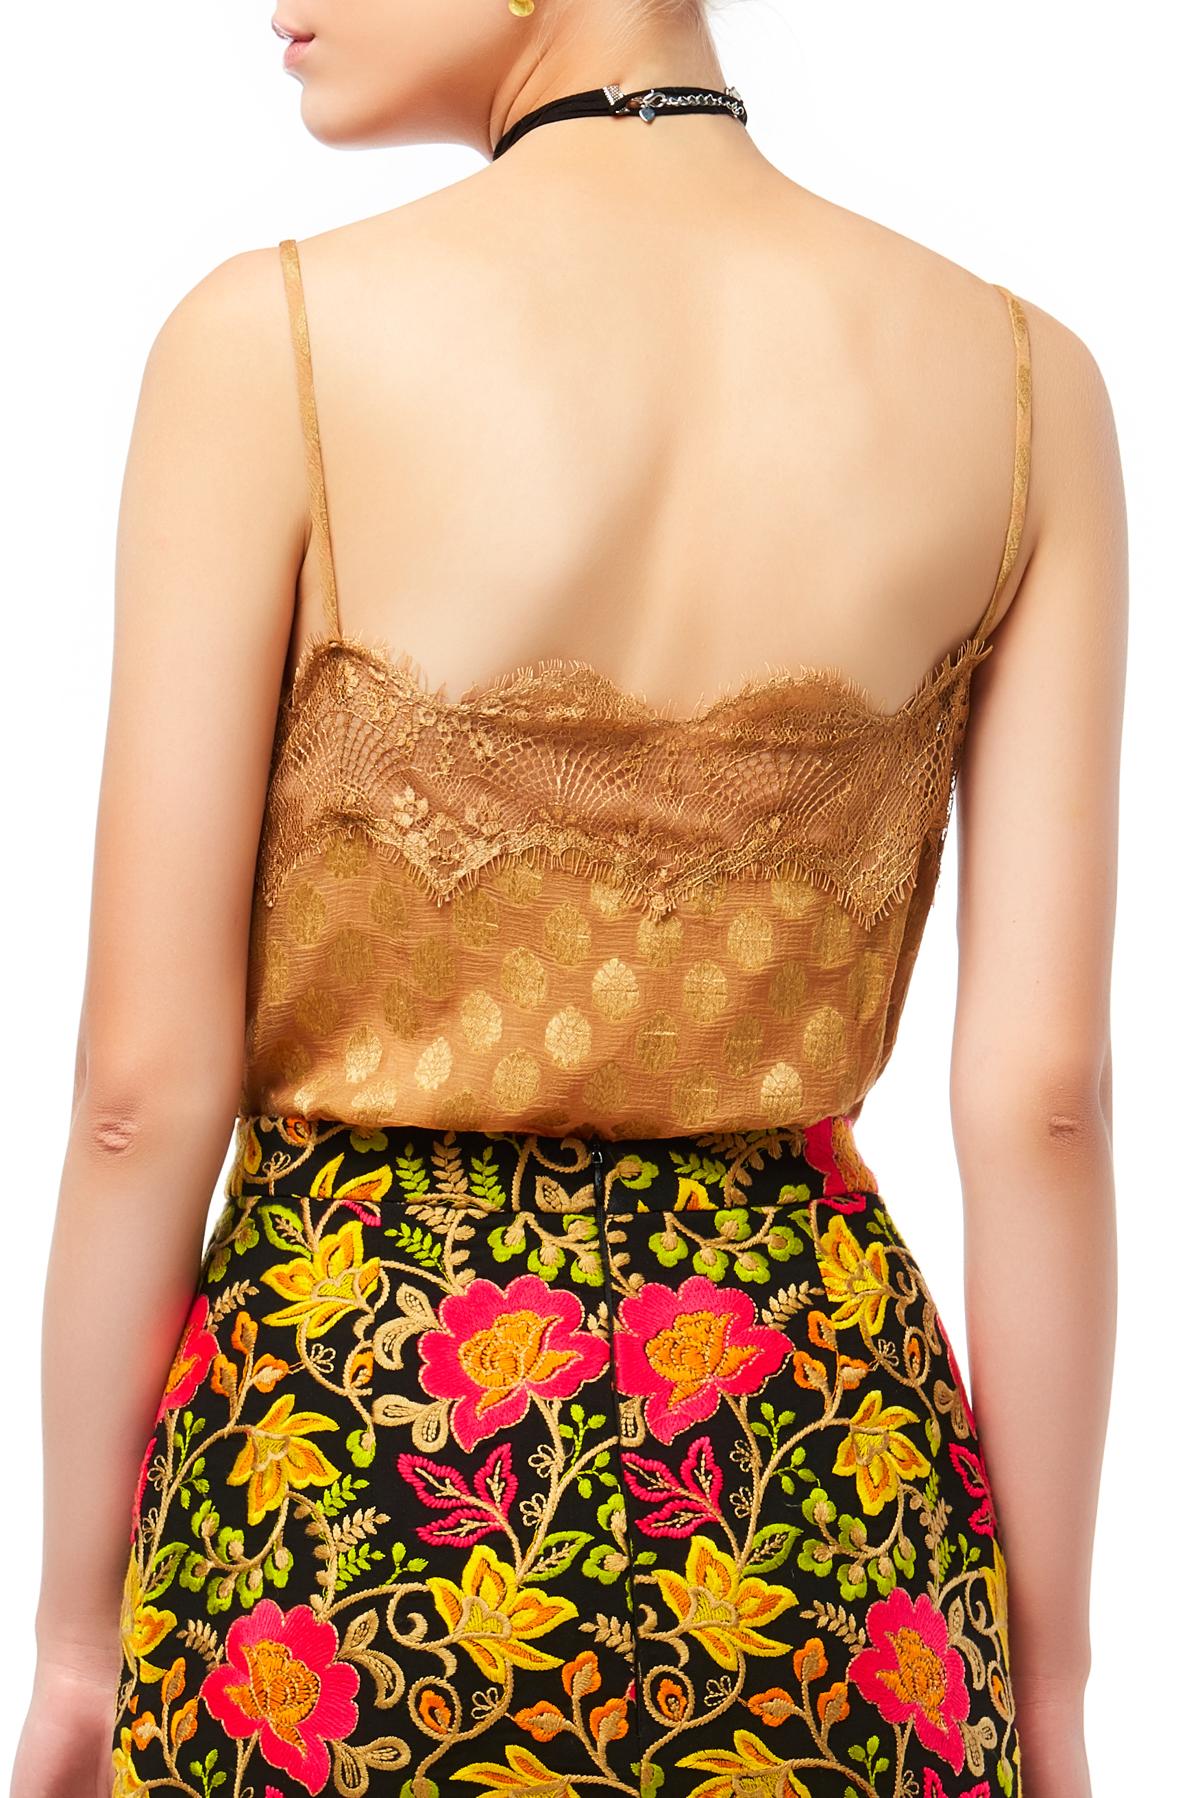 Vela De, top, blouse, lace top, party blouse, designer outfit, outfit, fashion, designer clothes, ชุดแบรนด์เนม, เช่าชุด, ชุดออกงาน, ชุดปาร์ตี้, ชุดไปทะเล, ชุดไปเที่ยว